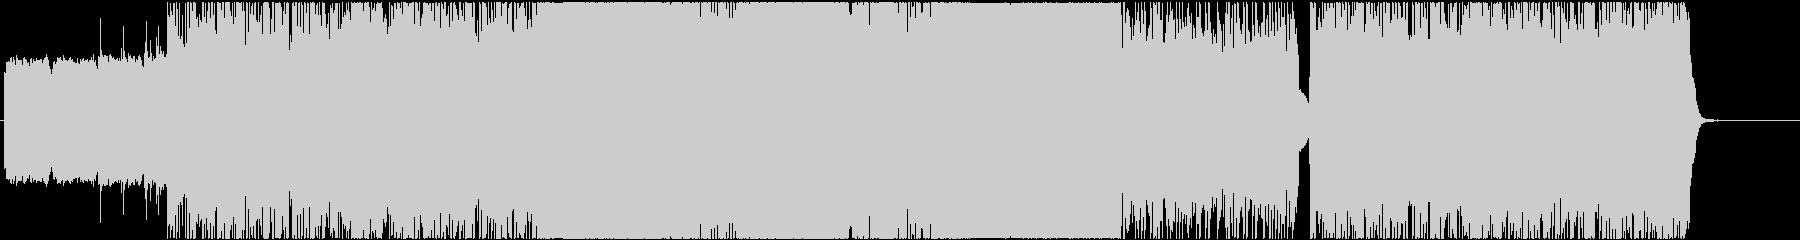 ロック系 攻撃的なファンクロック!の未再生の波形